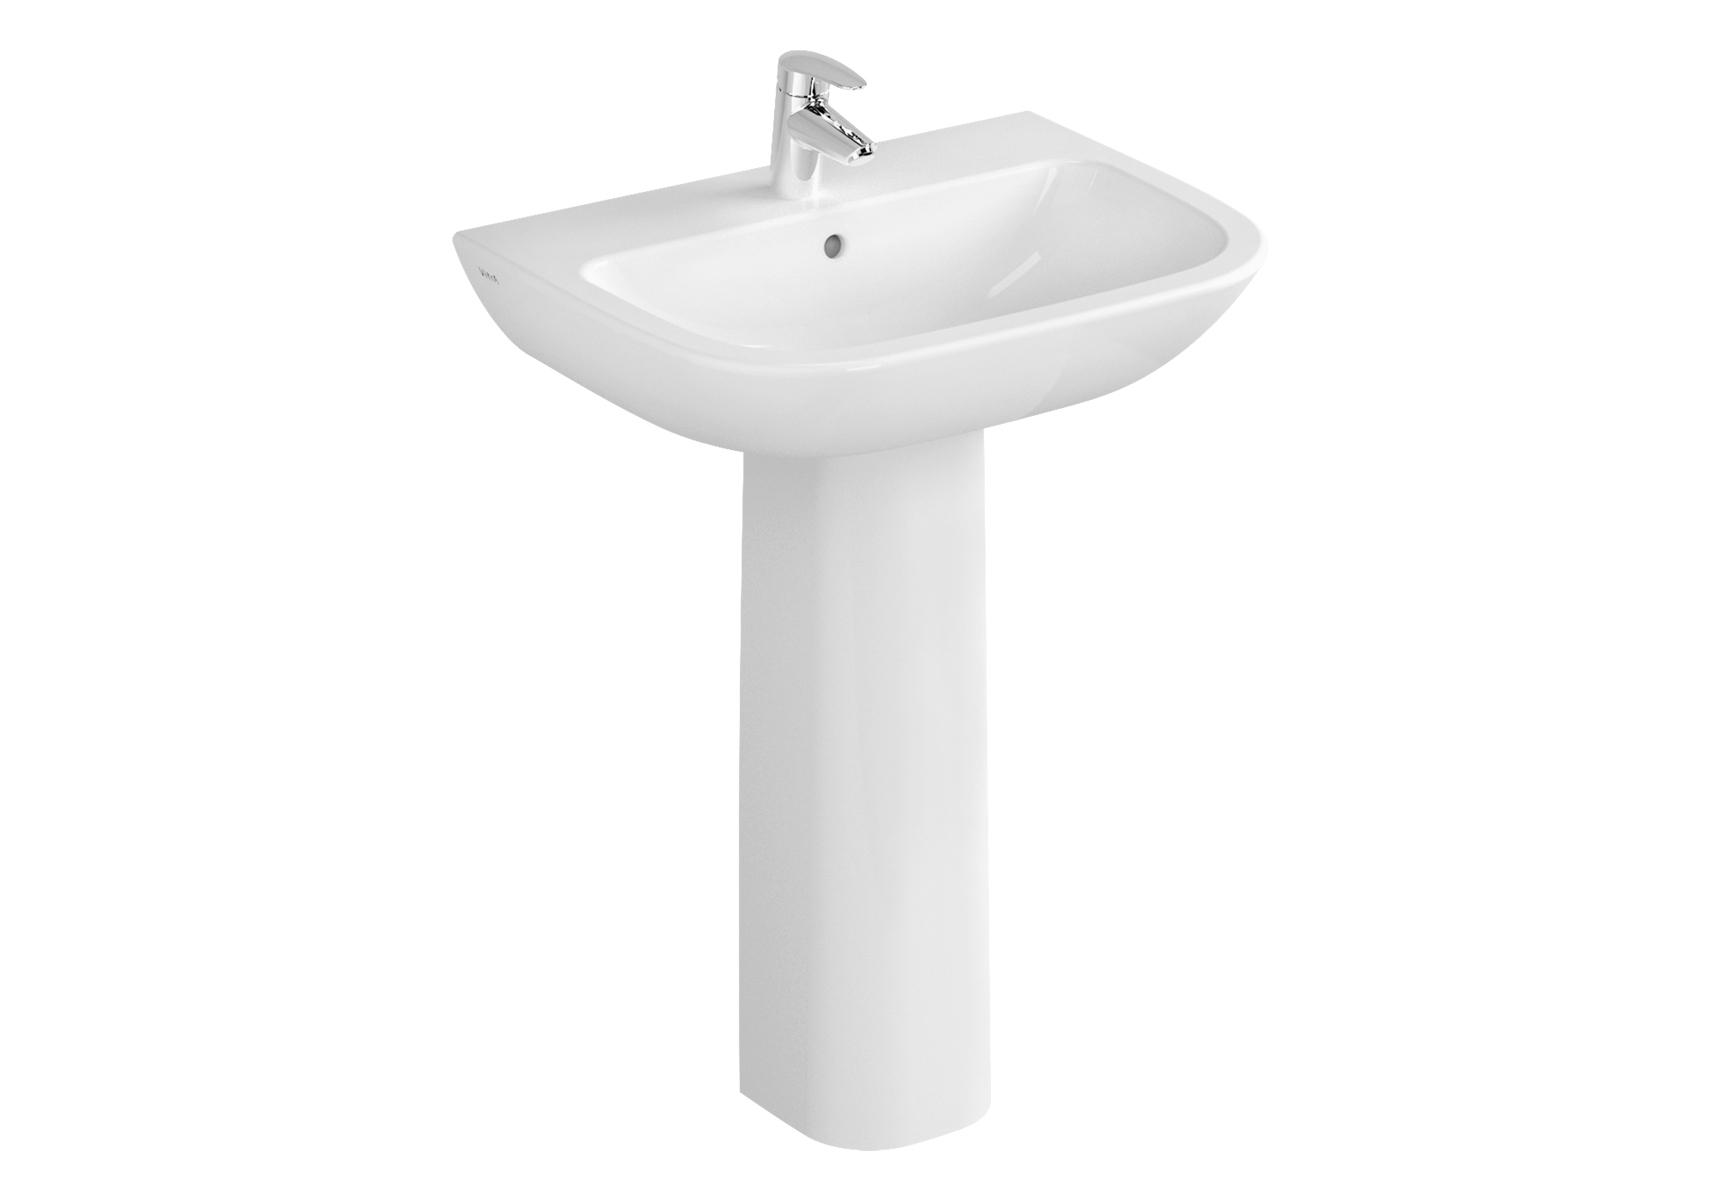 S20 Waschtisch, 60 cm, ohne Hahnloch, ohne Überlaufloch, Weiß